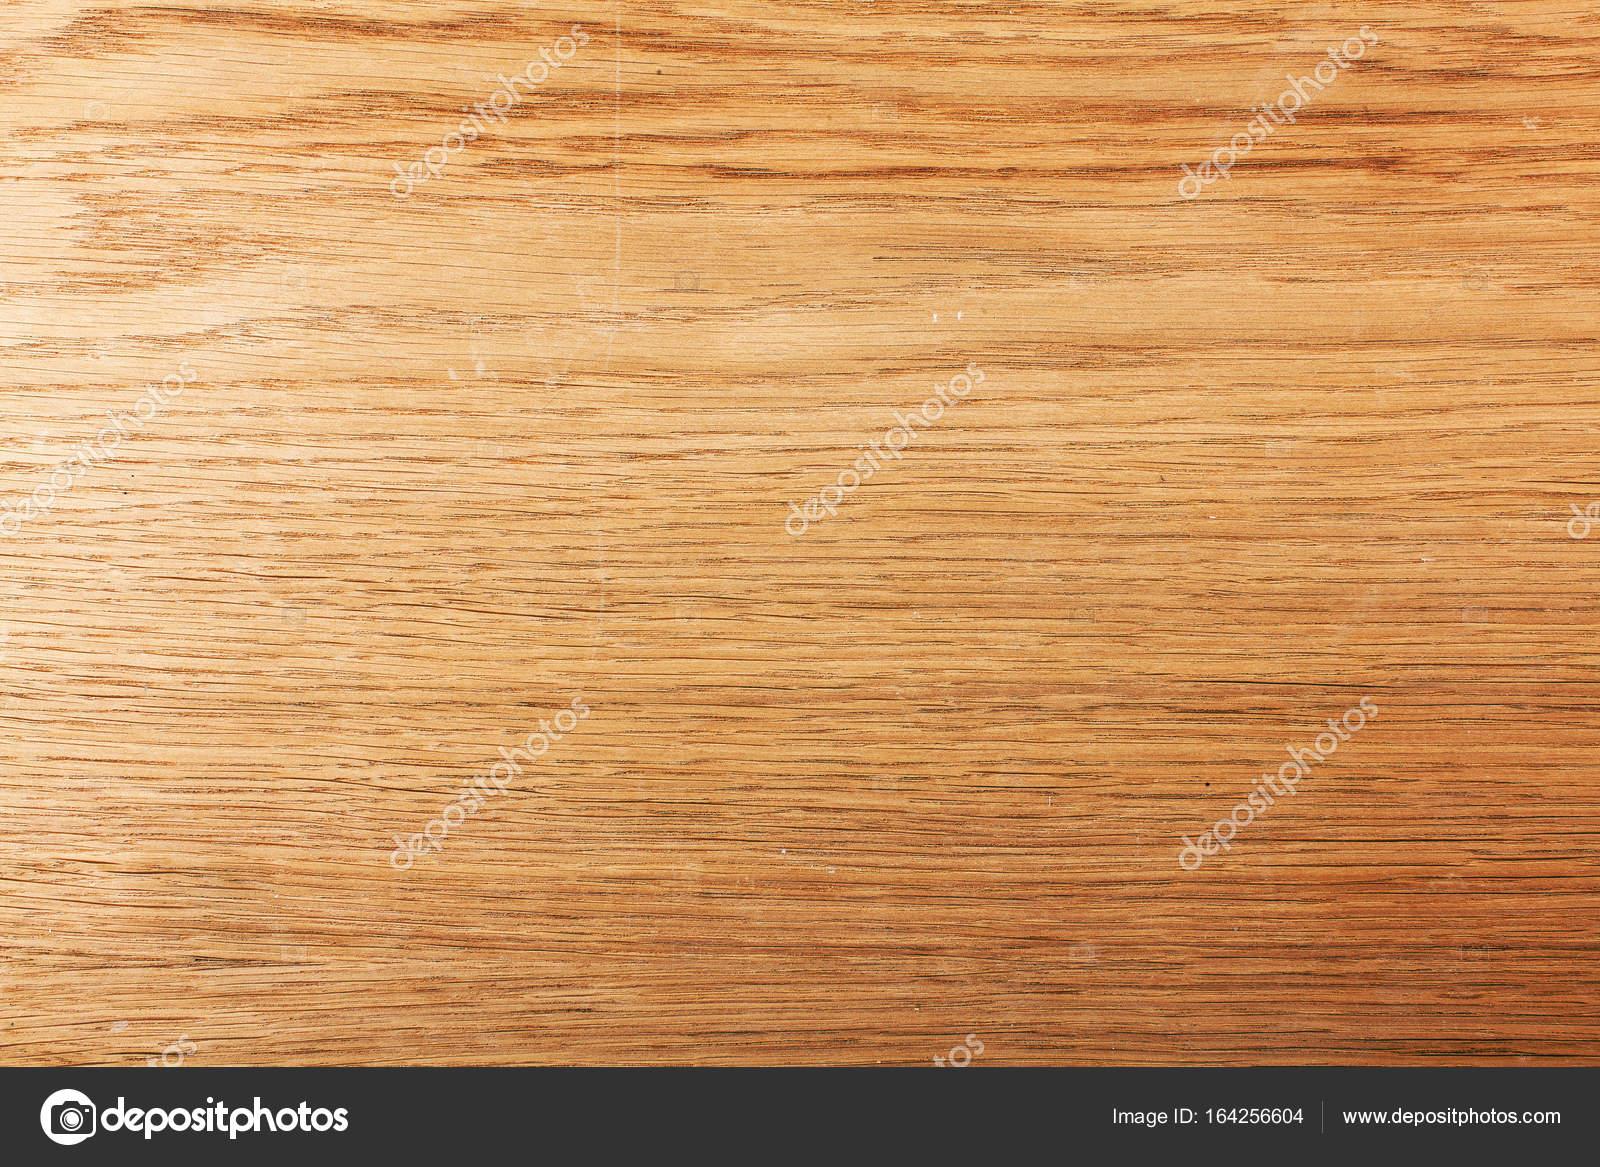 Oude Eiken Parket : Oude houtstructuur patroon natuurlijke parket u stockfoto